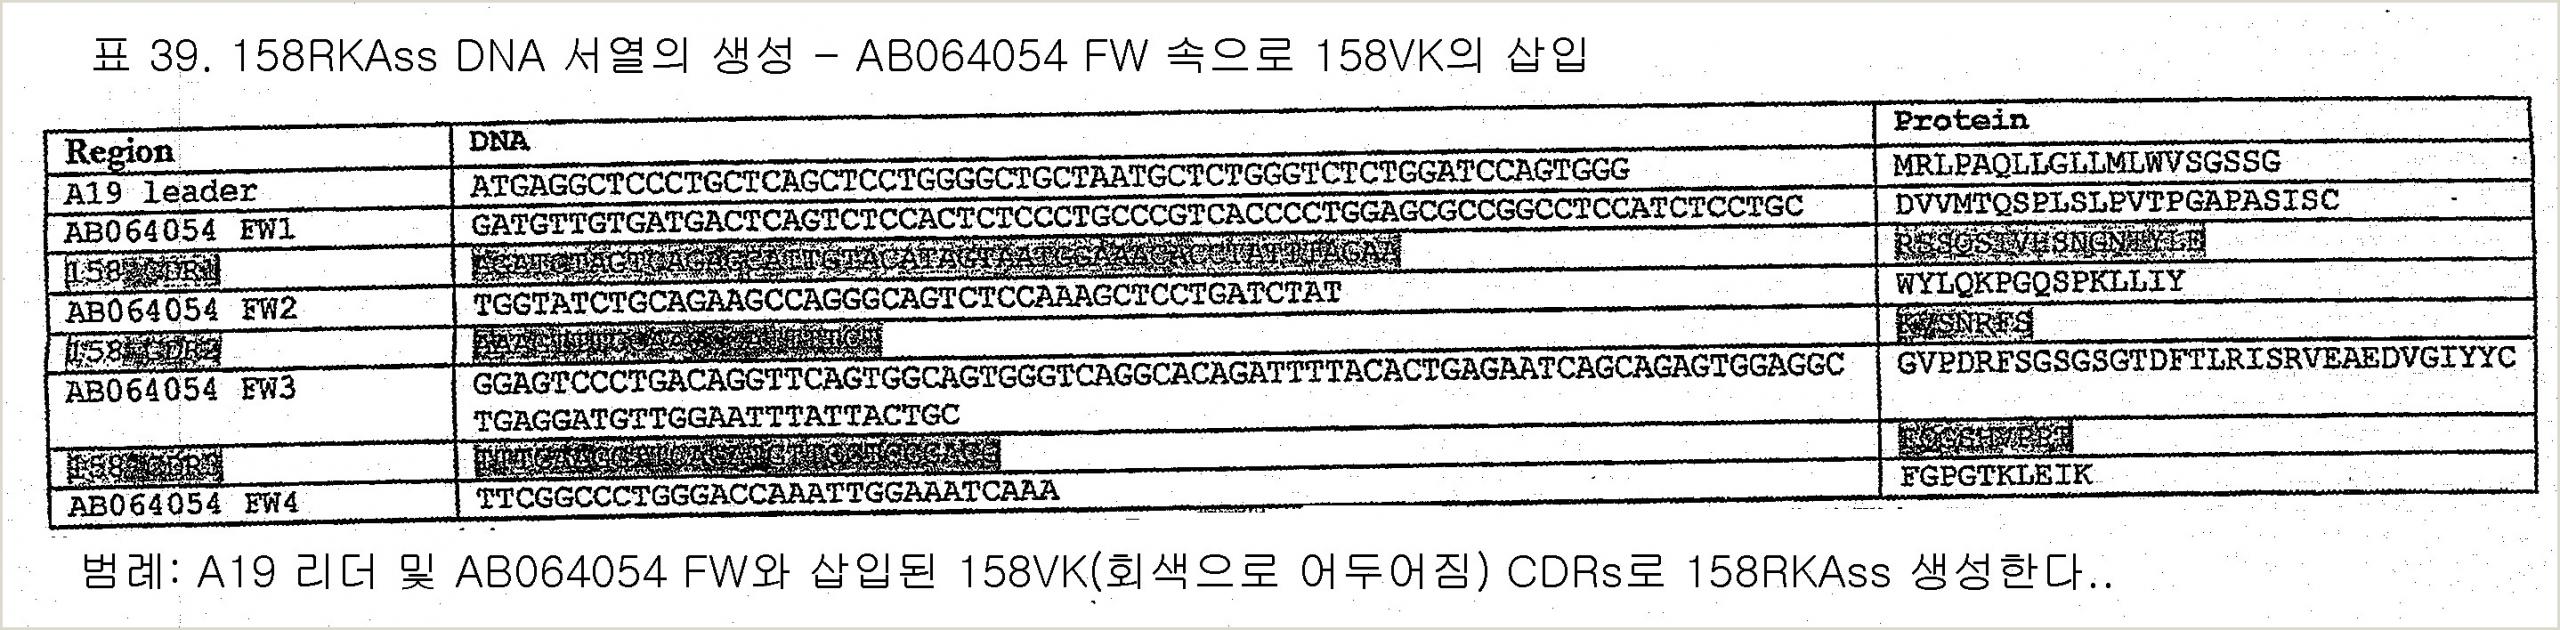 Bisnes Cards Kr B1 Improved Antibody Selective For Human